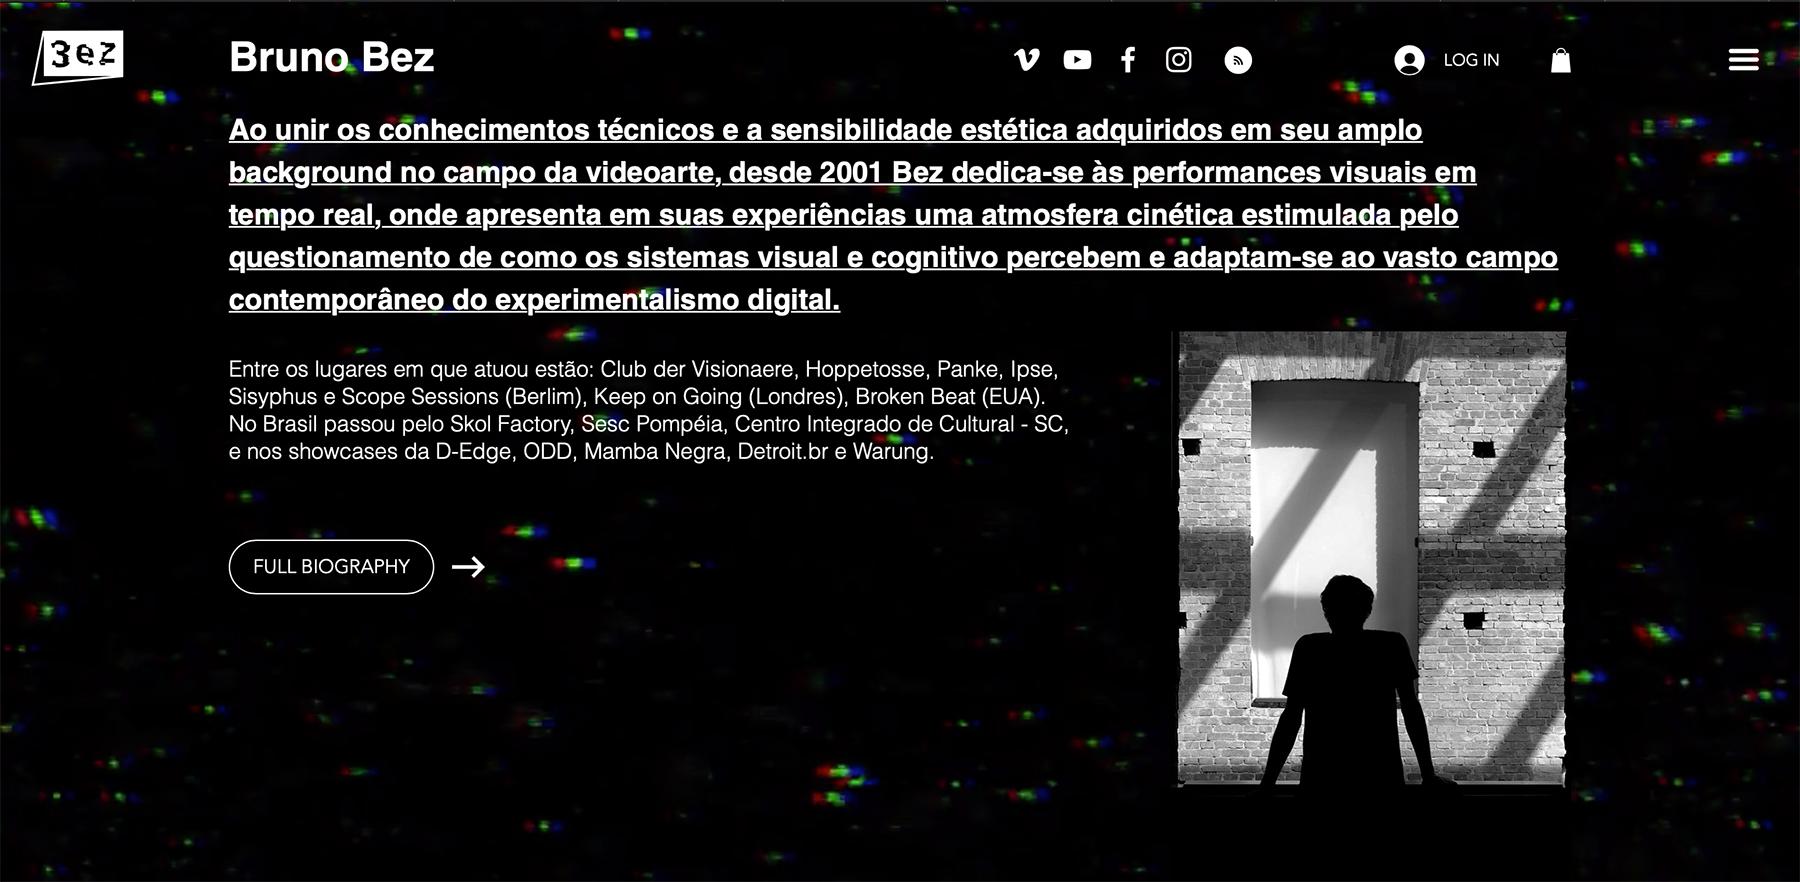 website-desktop-page-4png